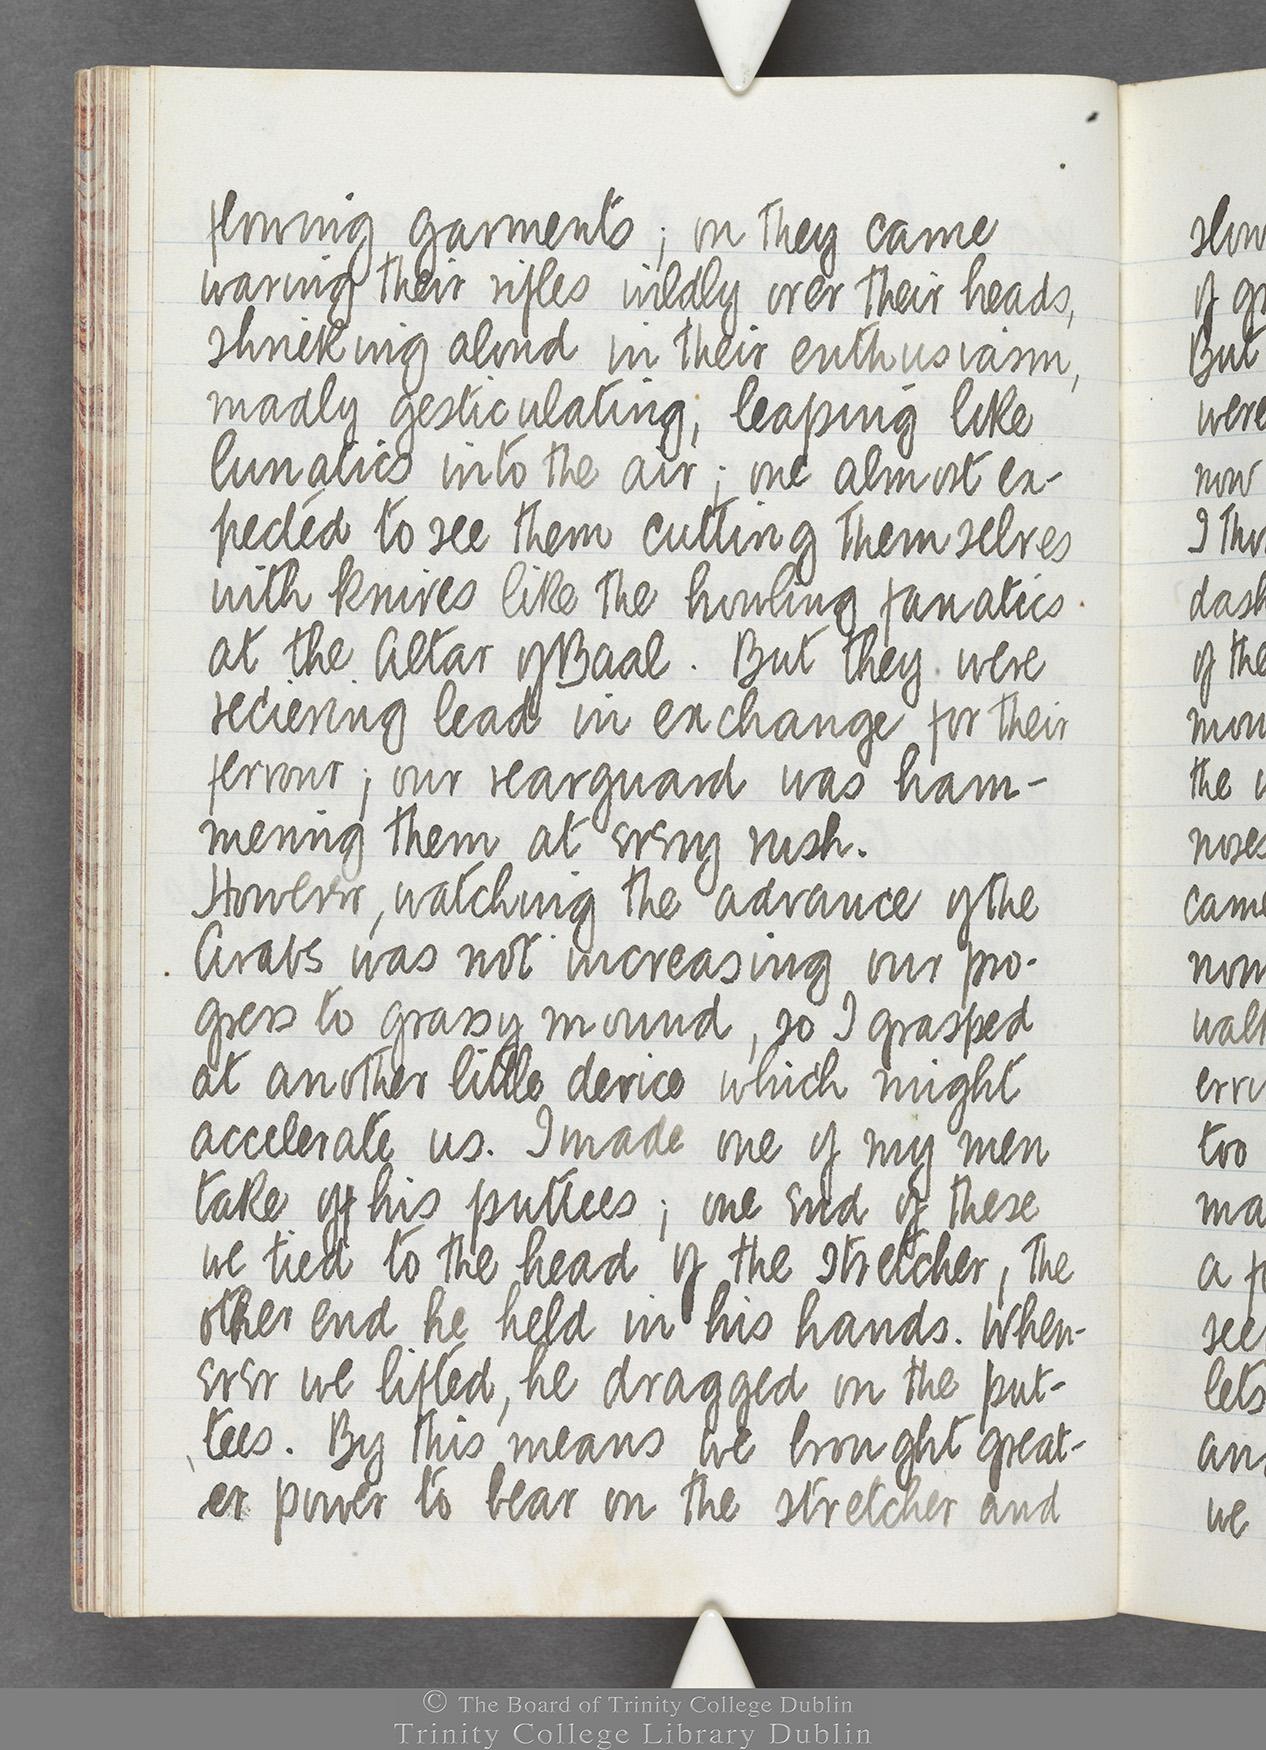 TCD MS 10516 folio 35 verso